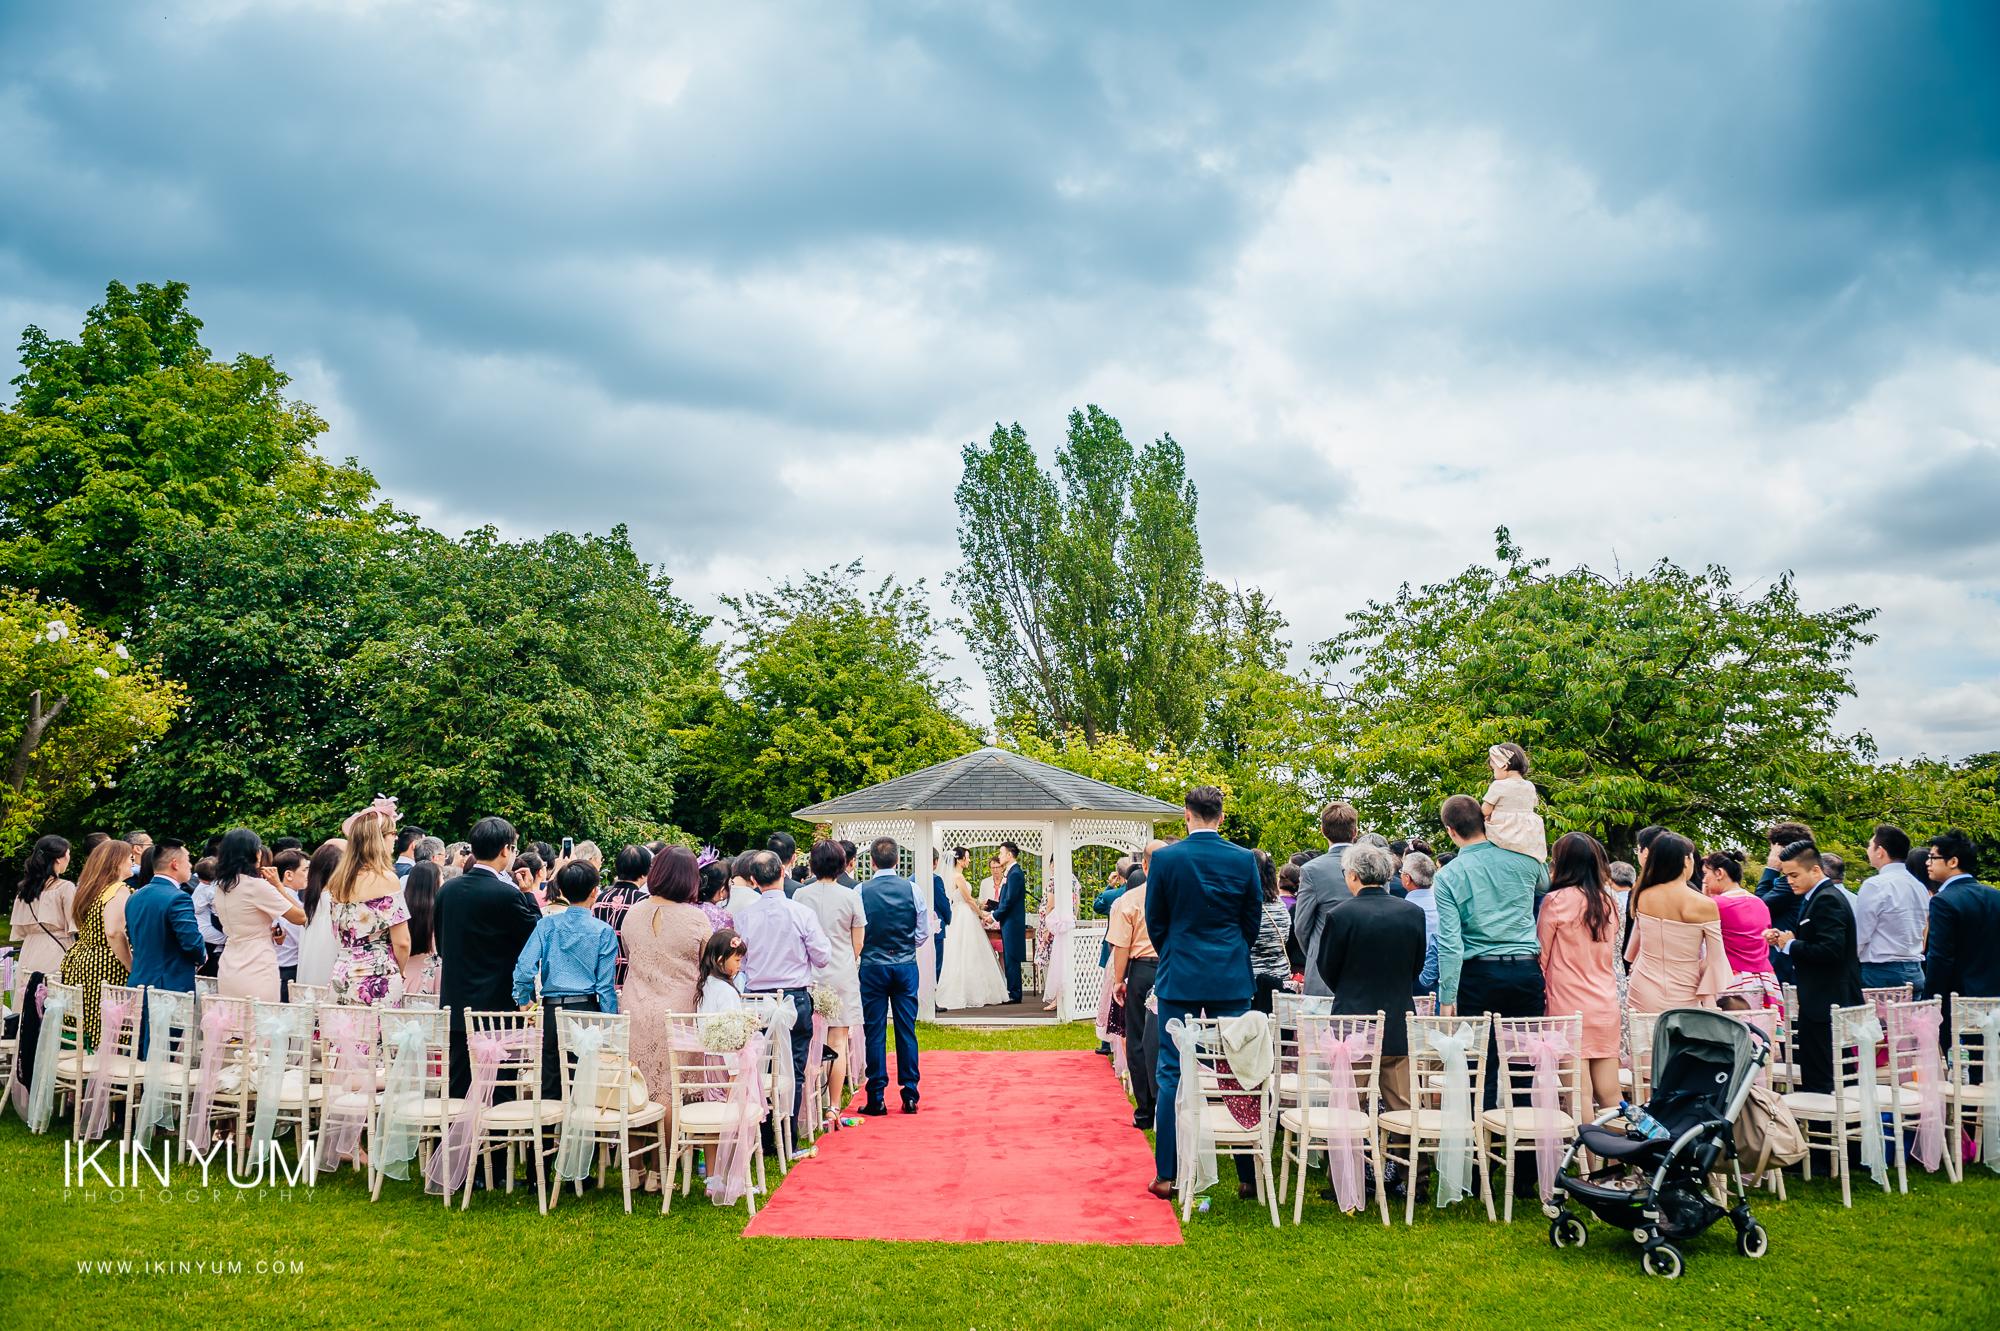 Sylvianne & Chun Wedding Day - Ikin Yum Photography-078.jpg